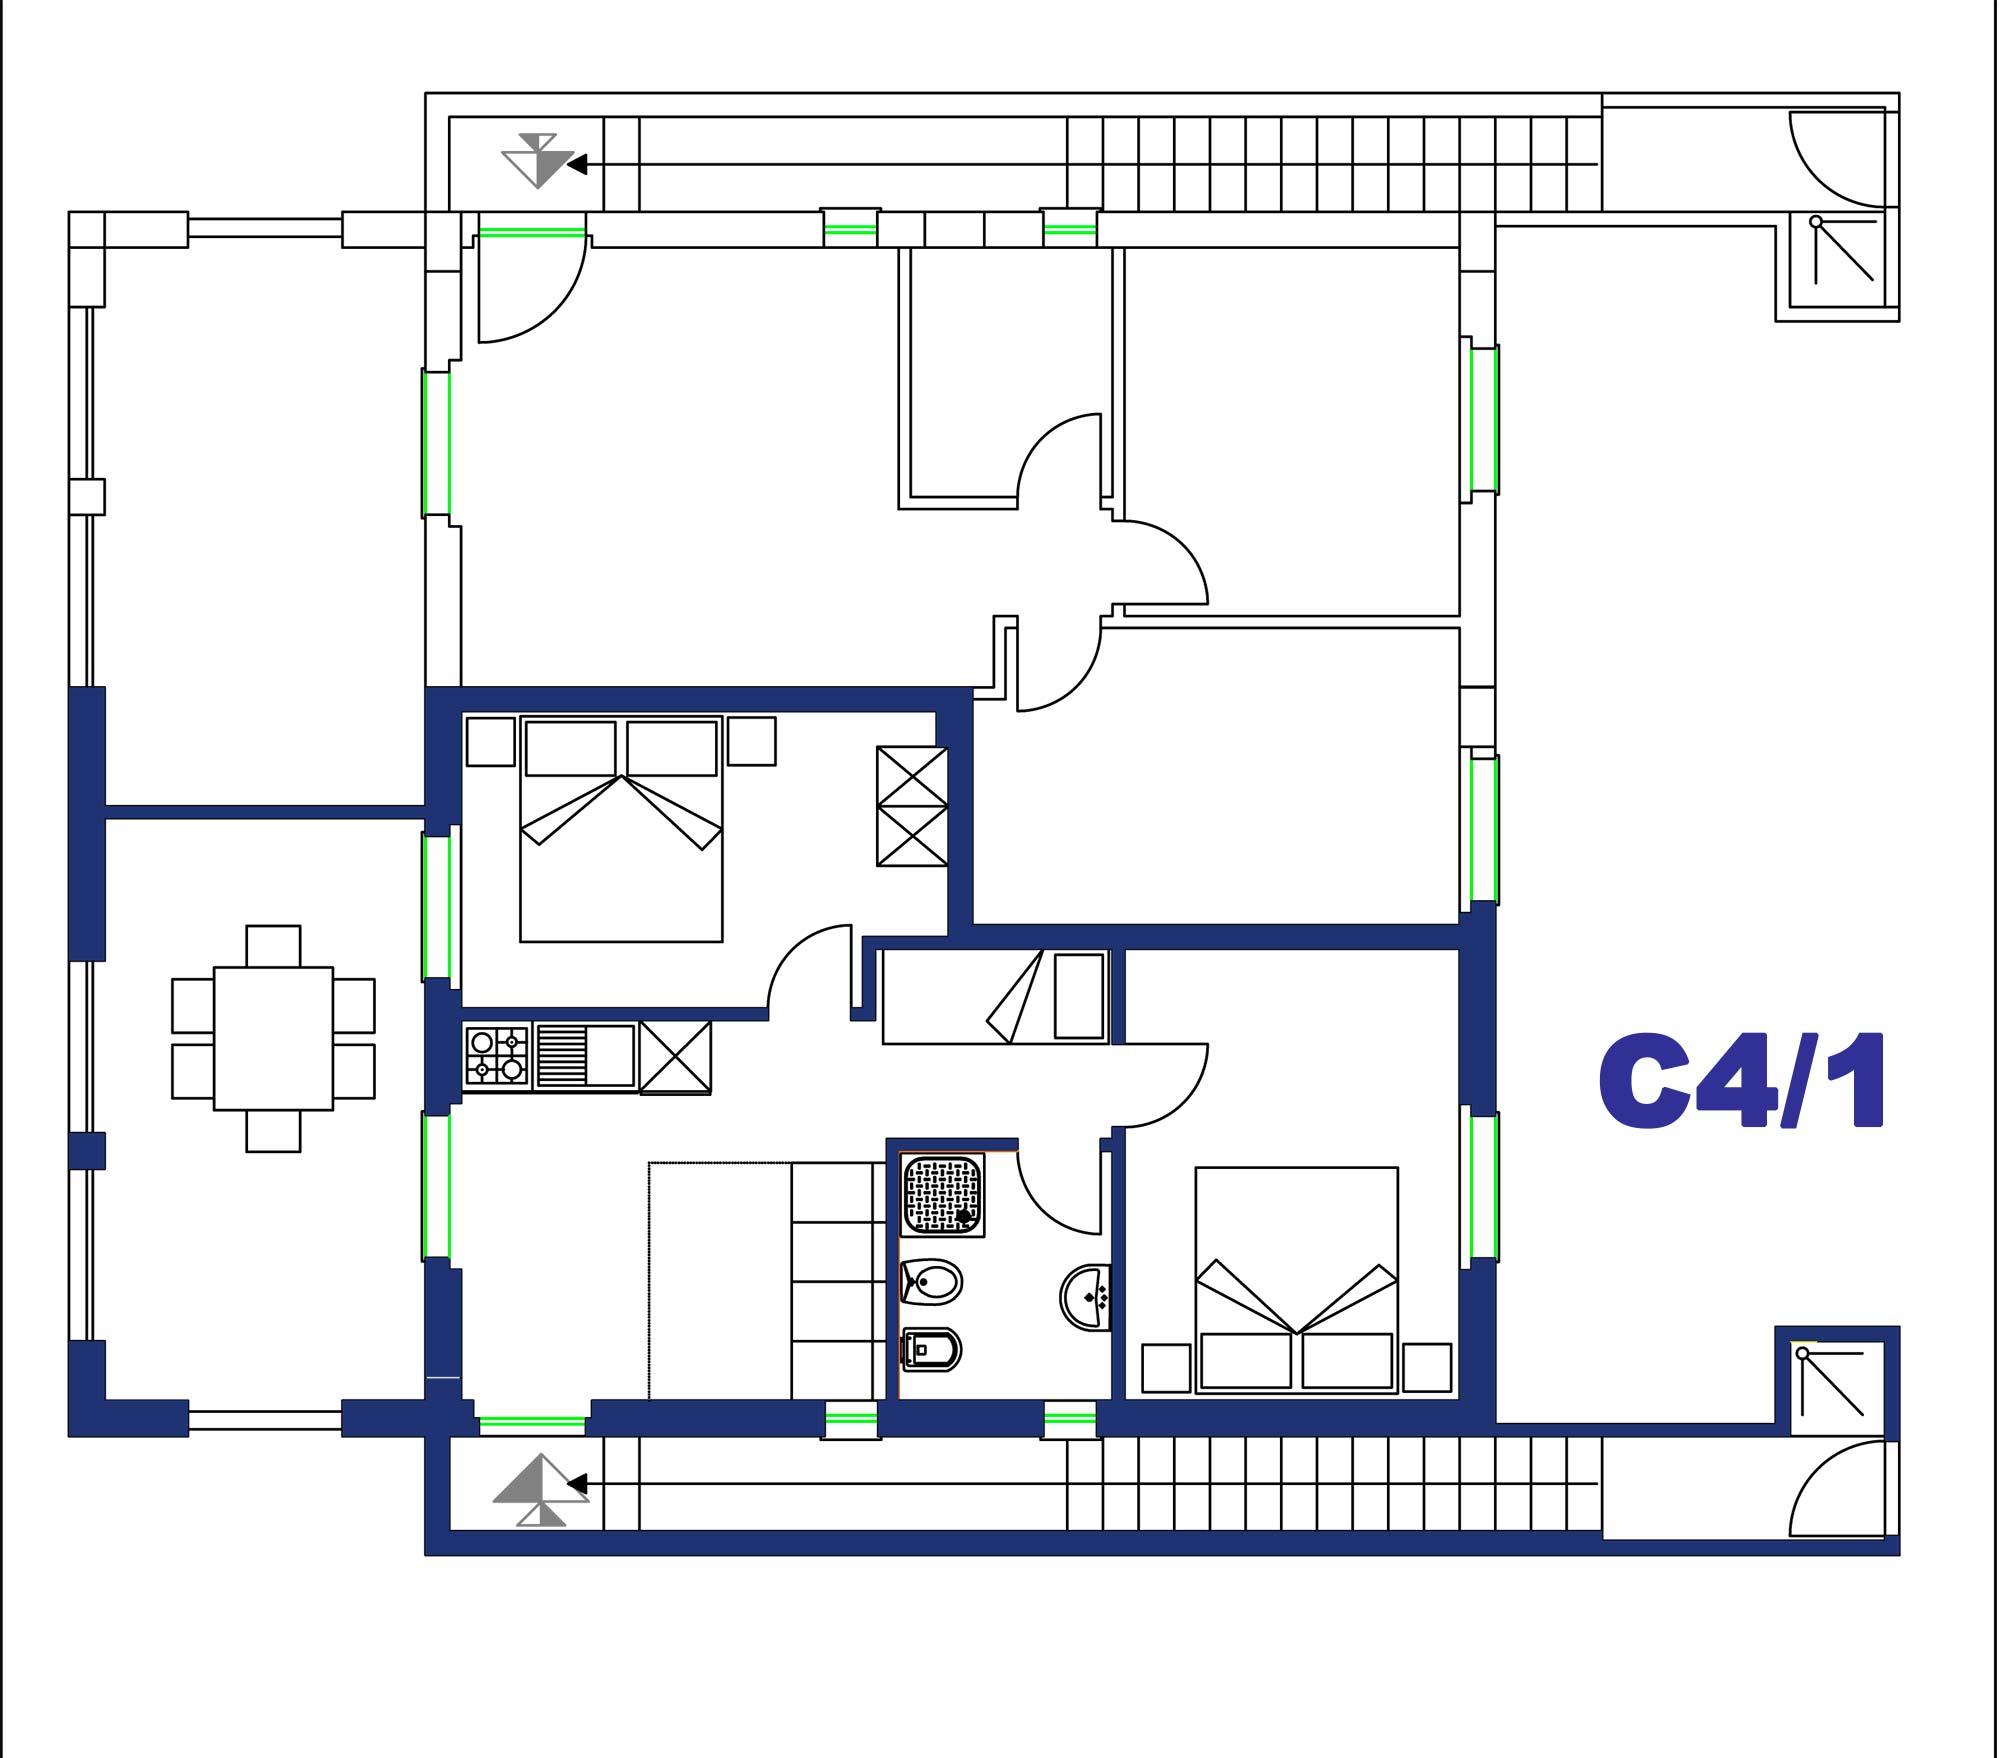 Appartamento per quattro persone in affitto